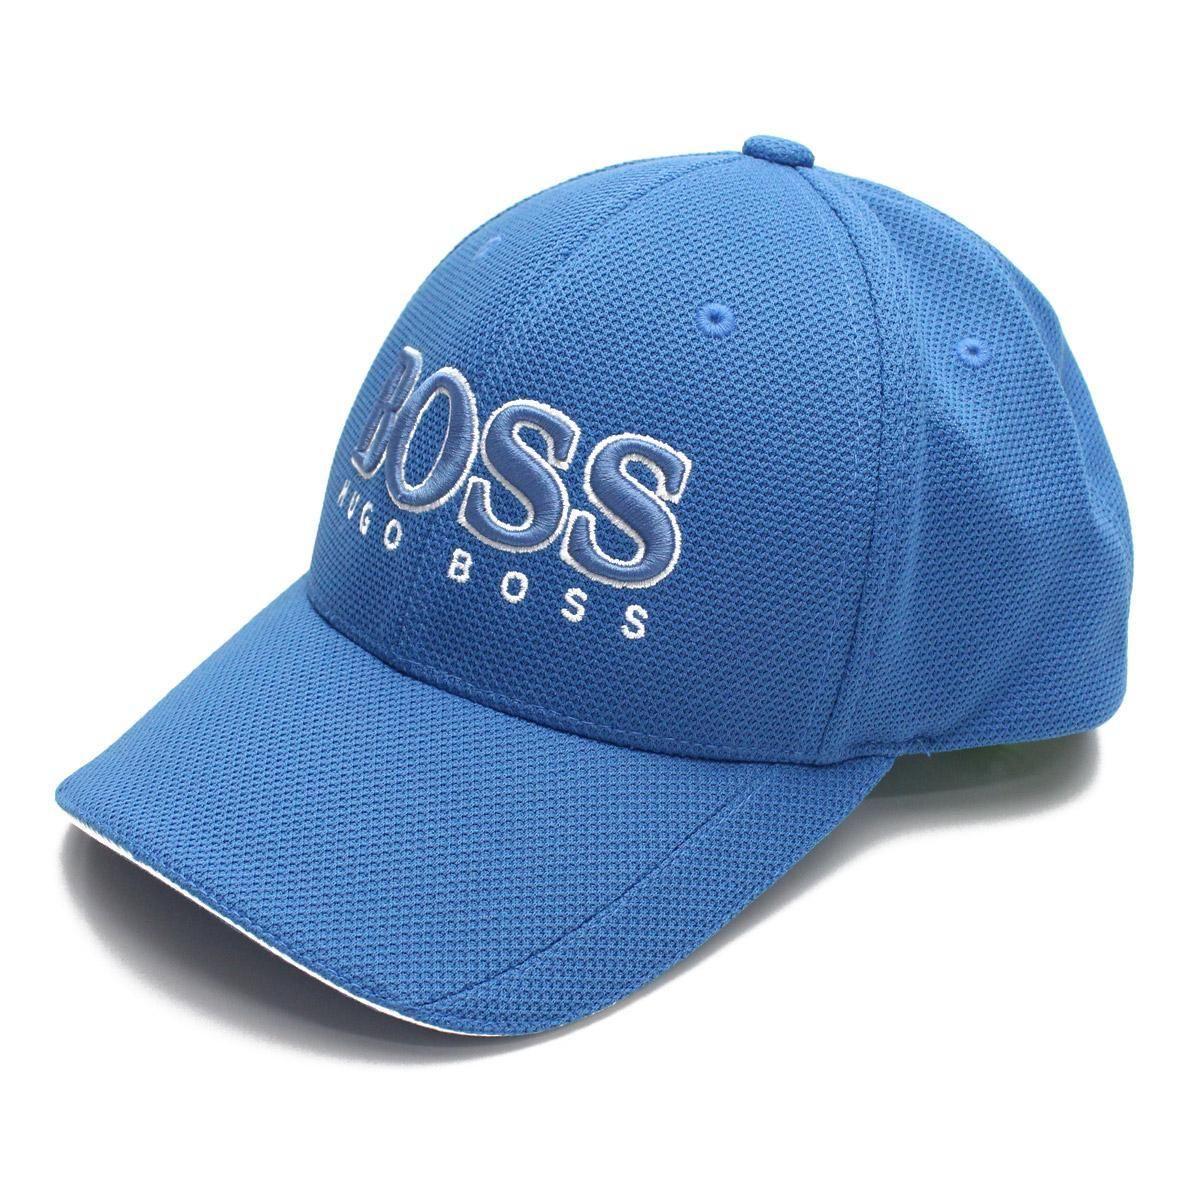 ヒューゴ・ボス(HUGO BOSS) CAP US メンズ帽子